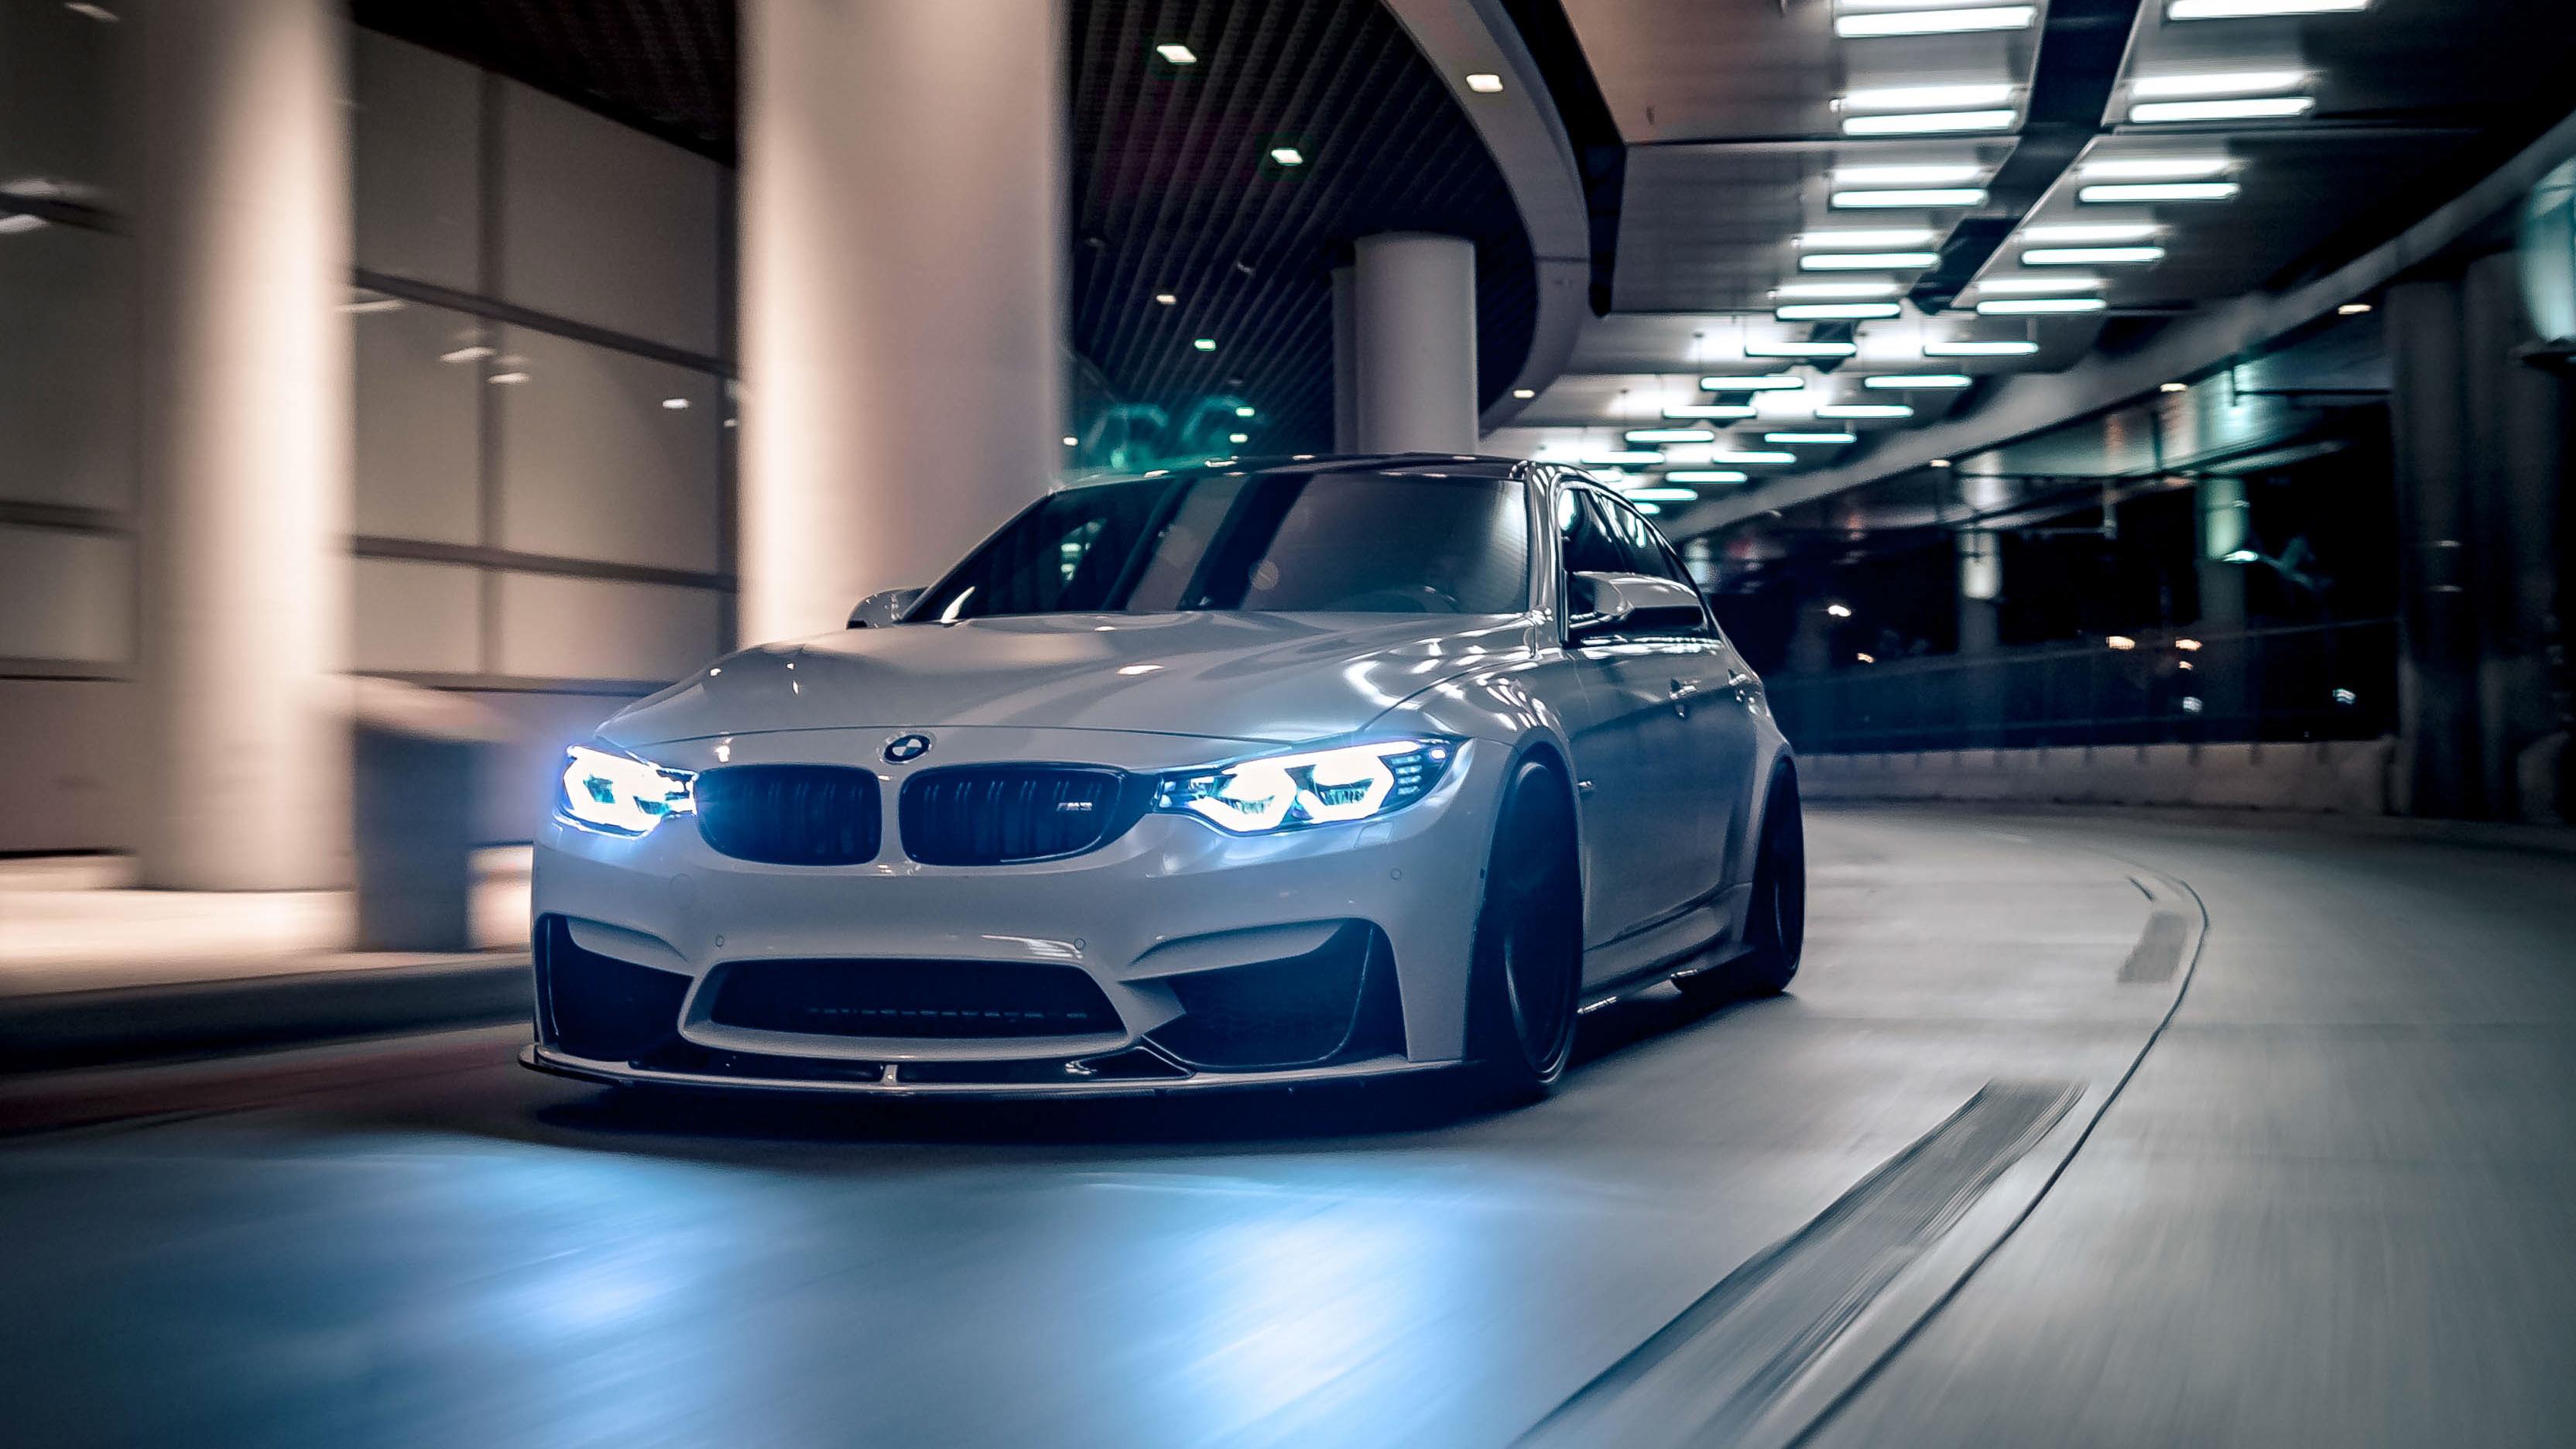 Bmw M3 Hd Wallpaper: BMW M3 Wallpapers